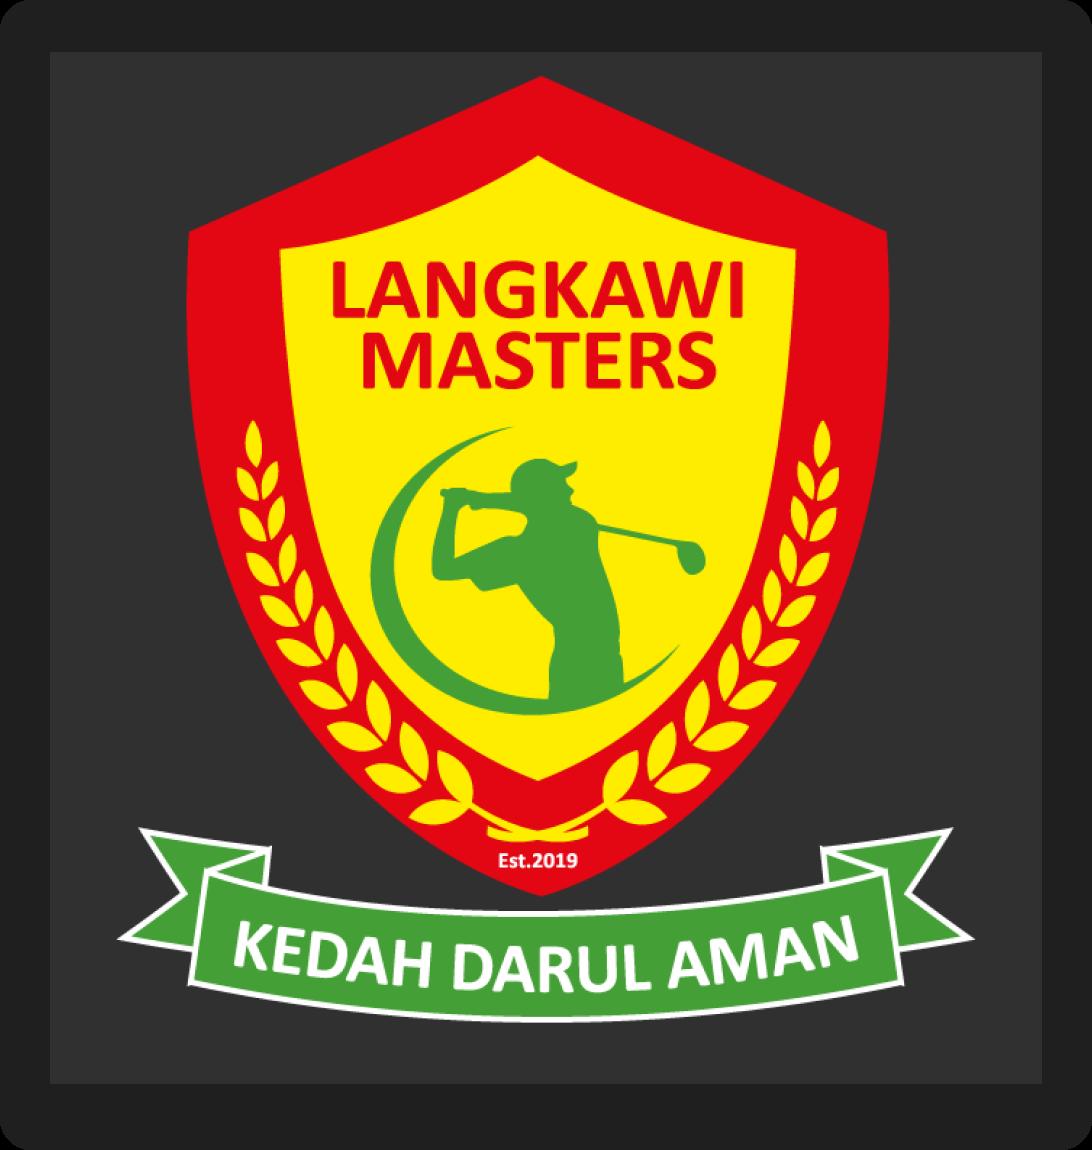 Langkawi Masters